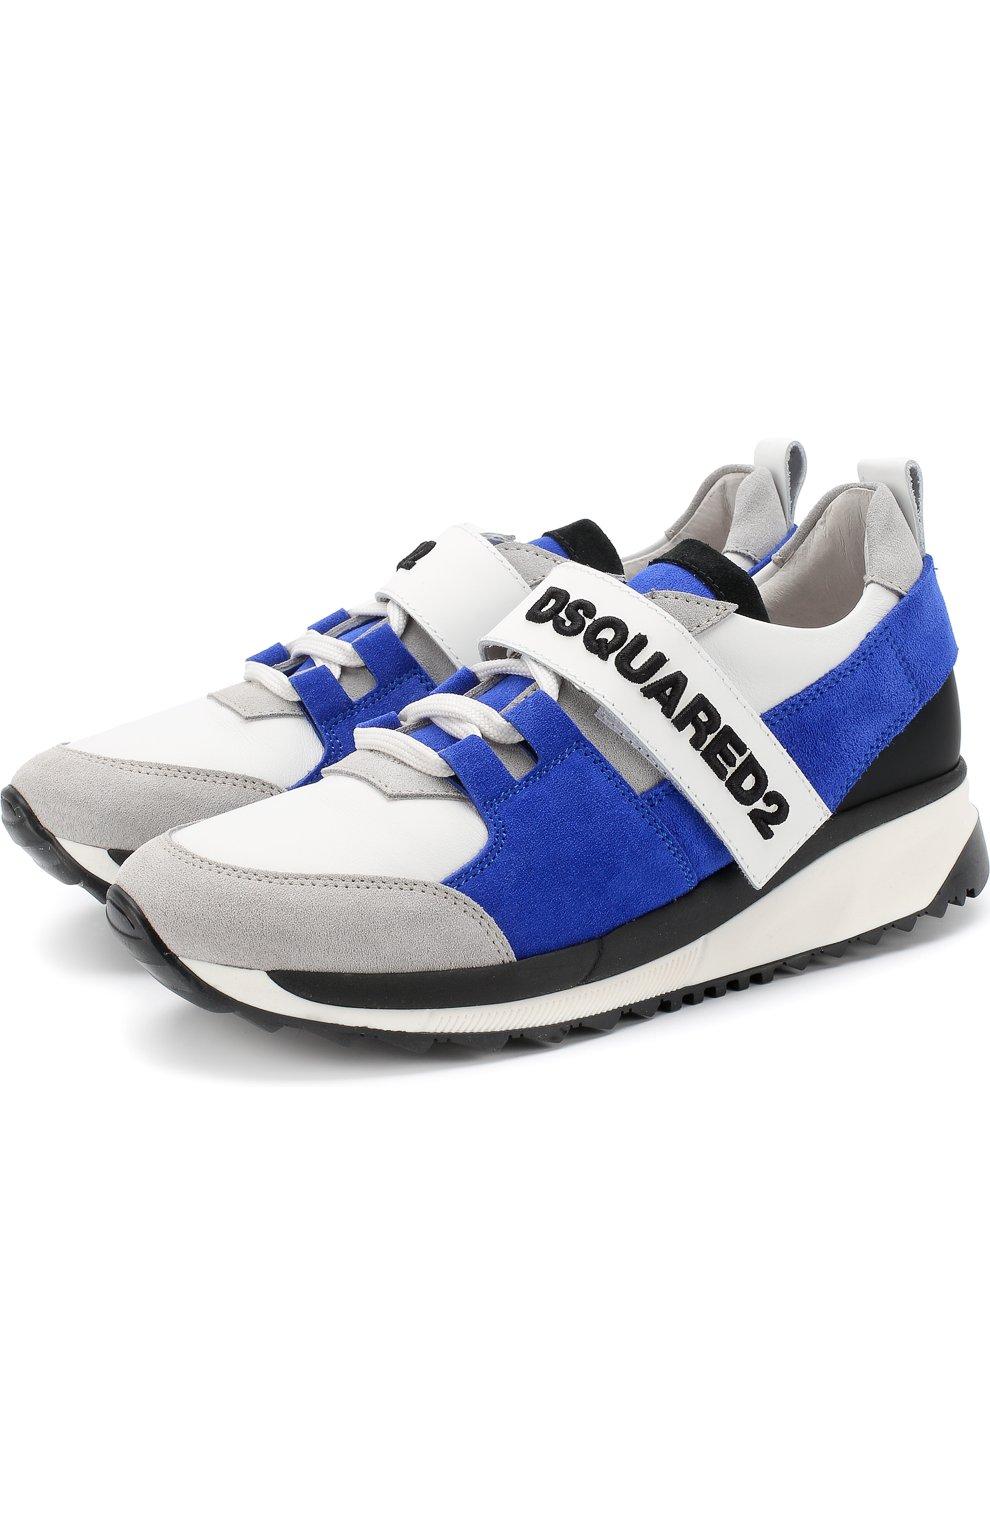 Детские кожаные кроссовки с замшевой отделкой и застежкой велькро DSQUARED2 синего цвета, арт. 54221/36-41 | Фото 1